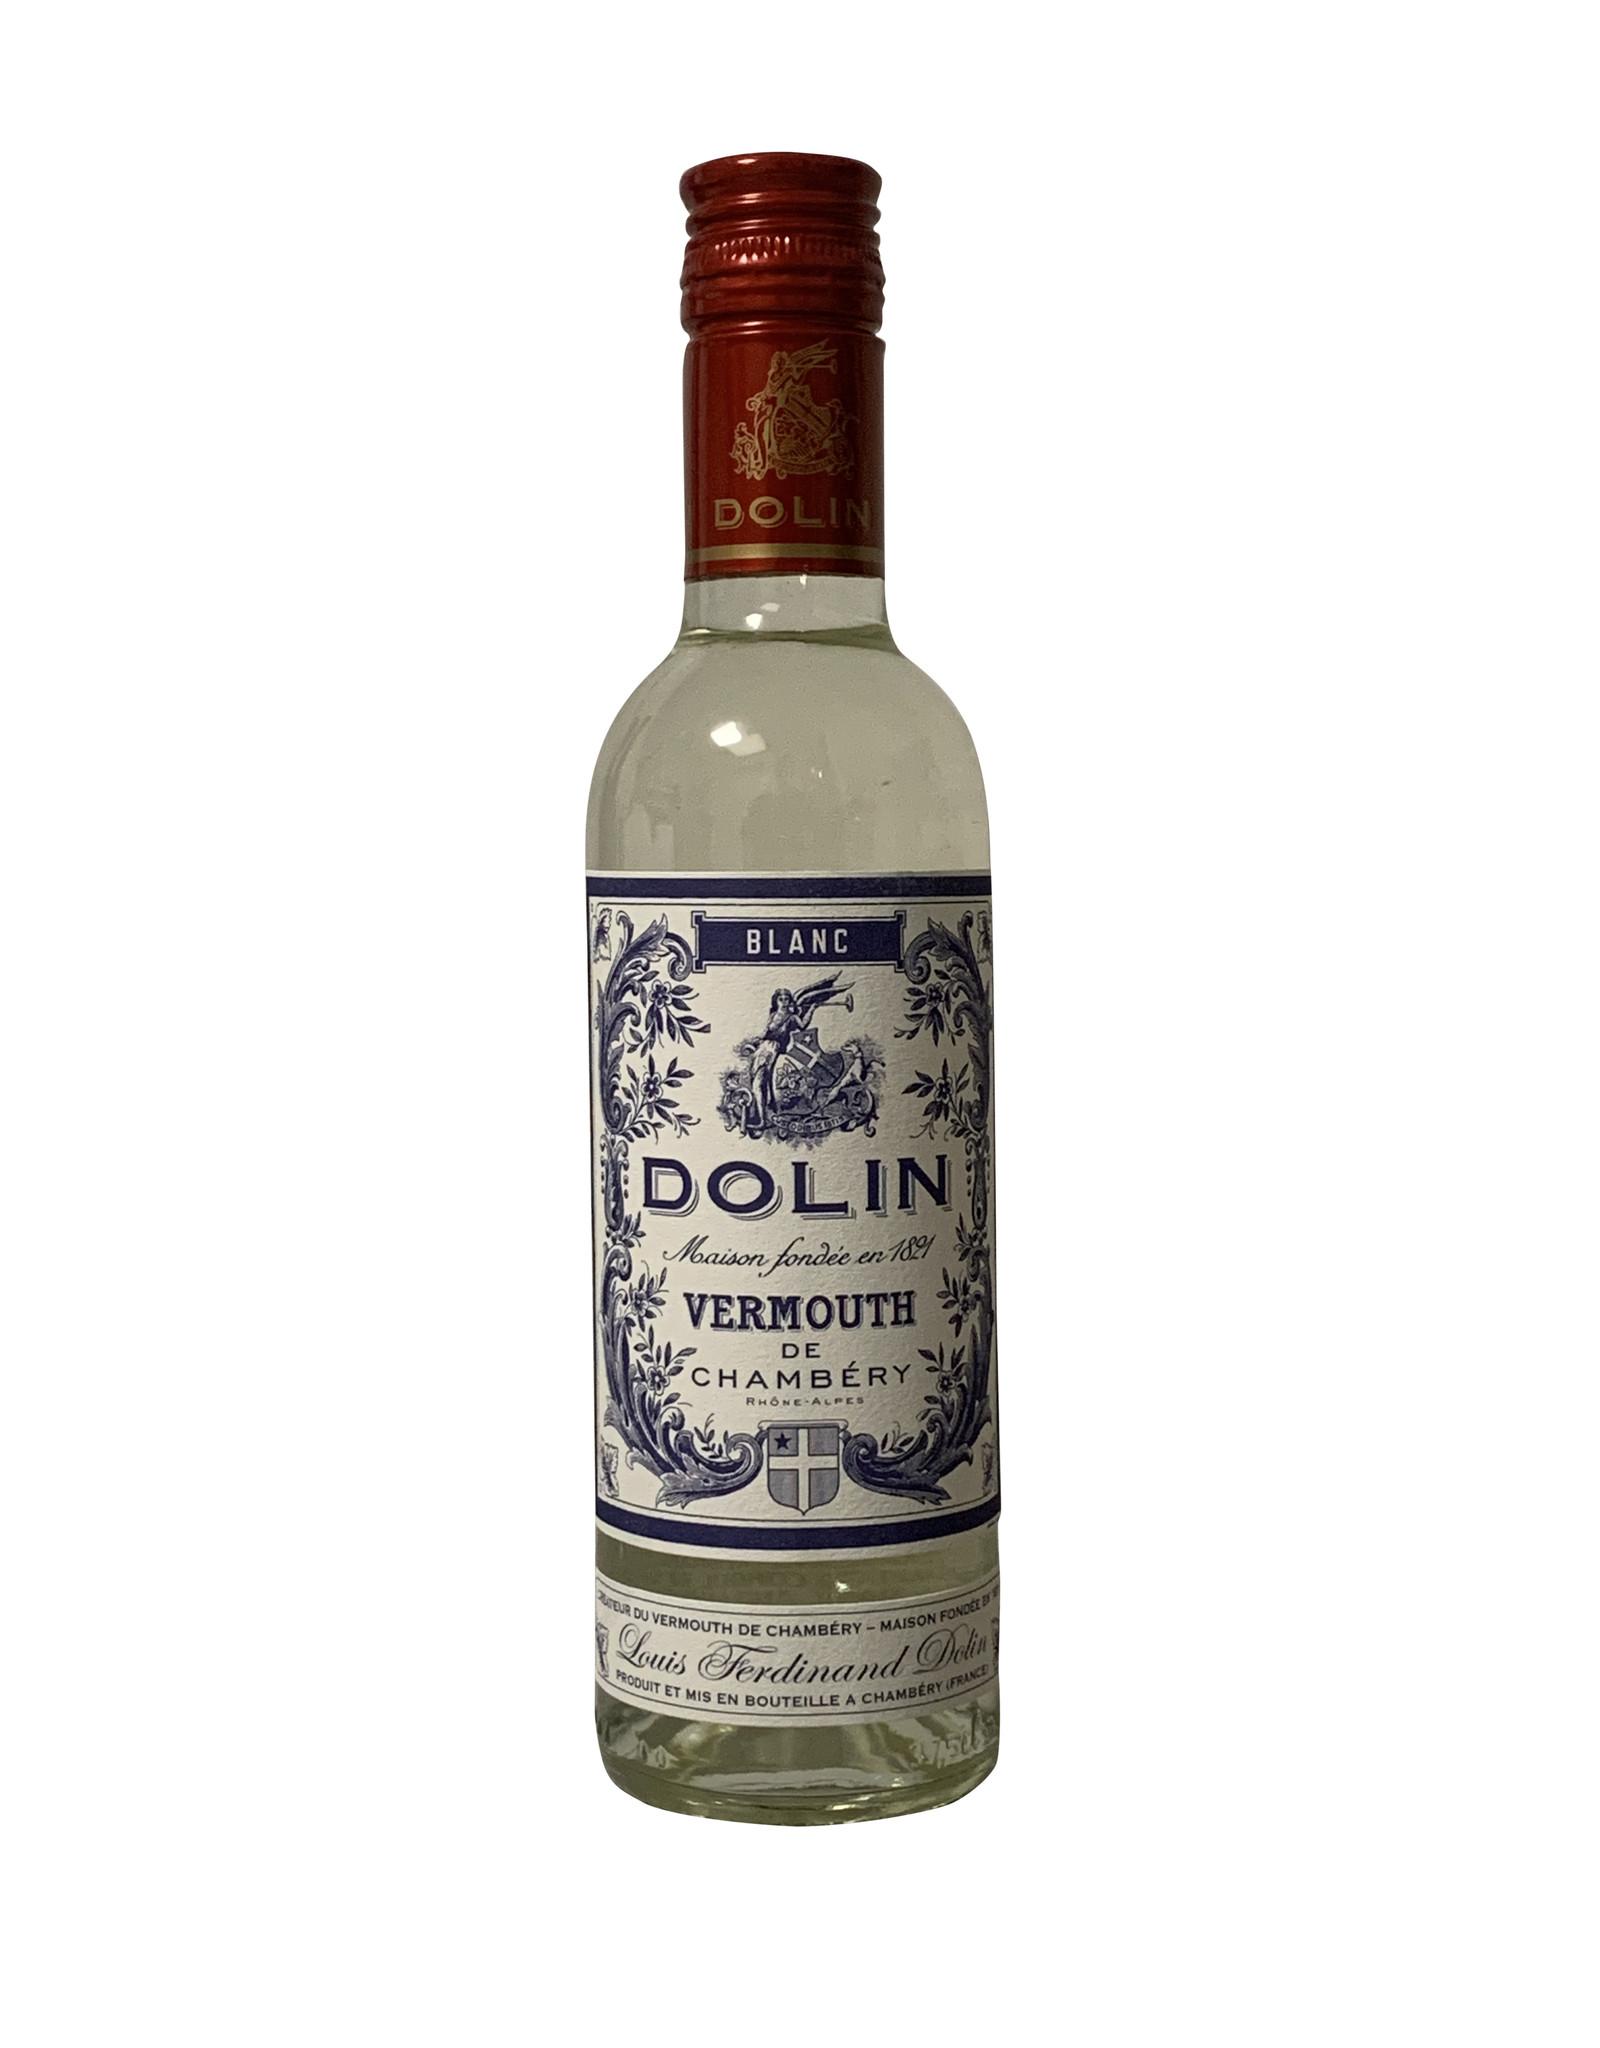 Dolin Dolin Vermouth de Chambéry Blanc, France (375ml)